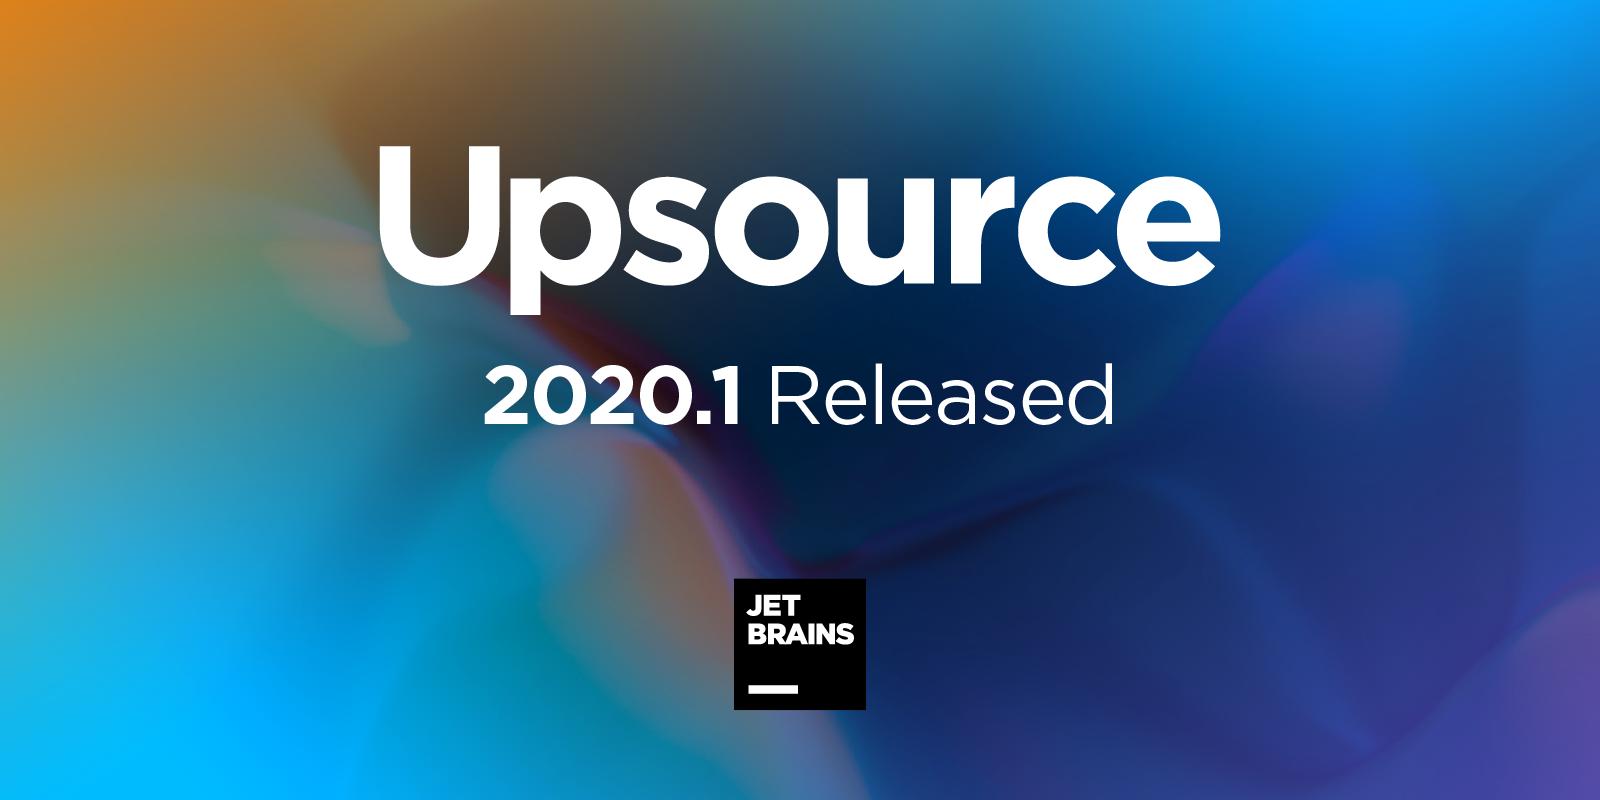 DSGN-9381 Upsource 2020.1 release_1600x800_ Blog